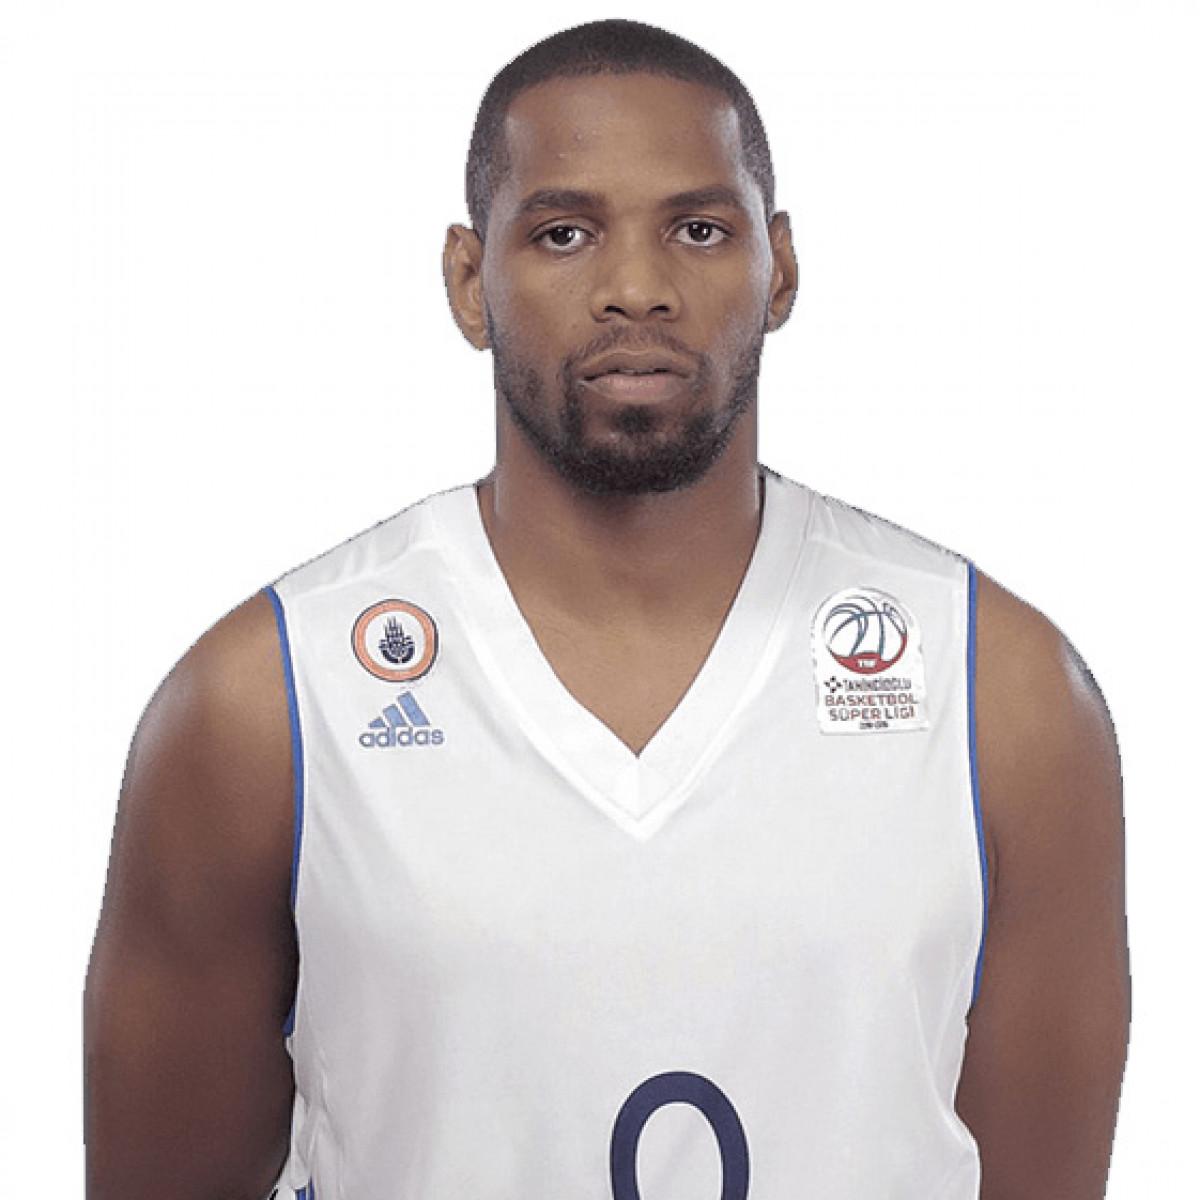 Photo of Terrell Holloway, 2018-2019 season